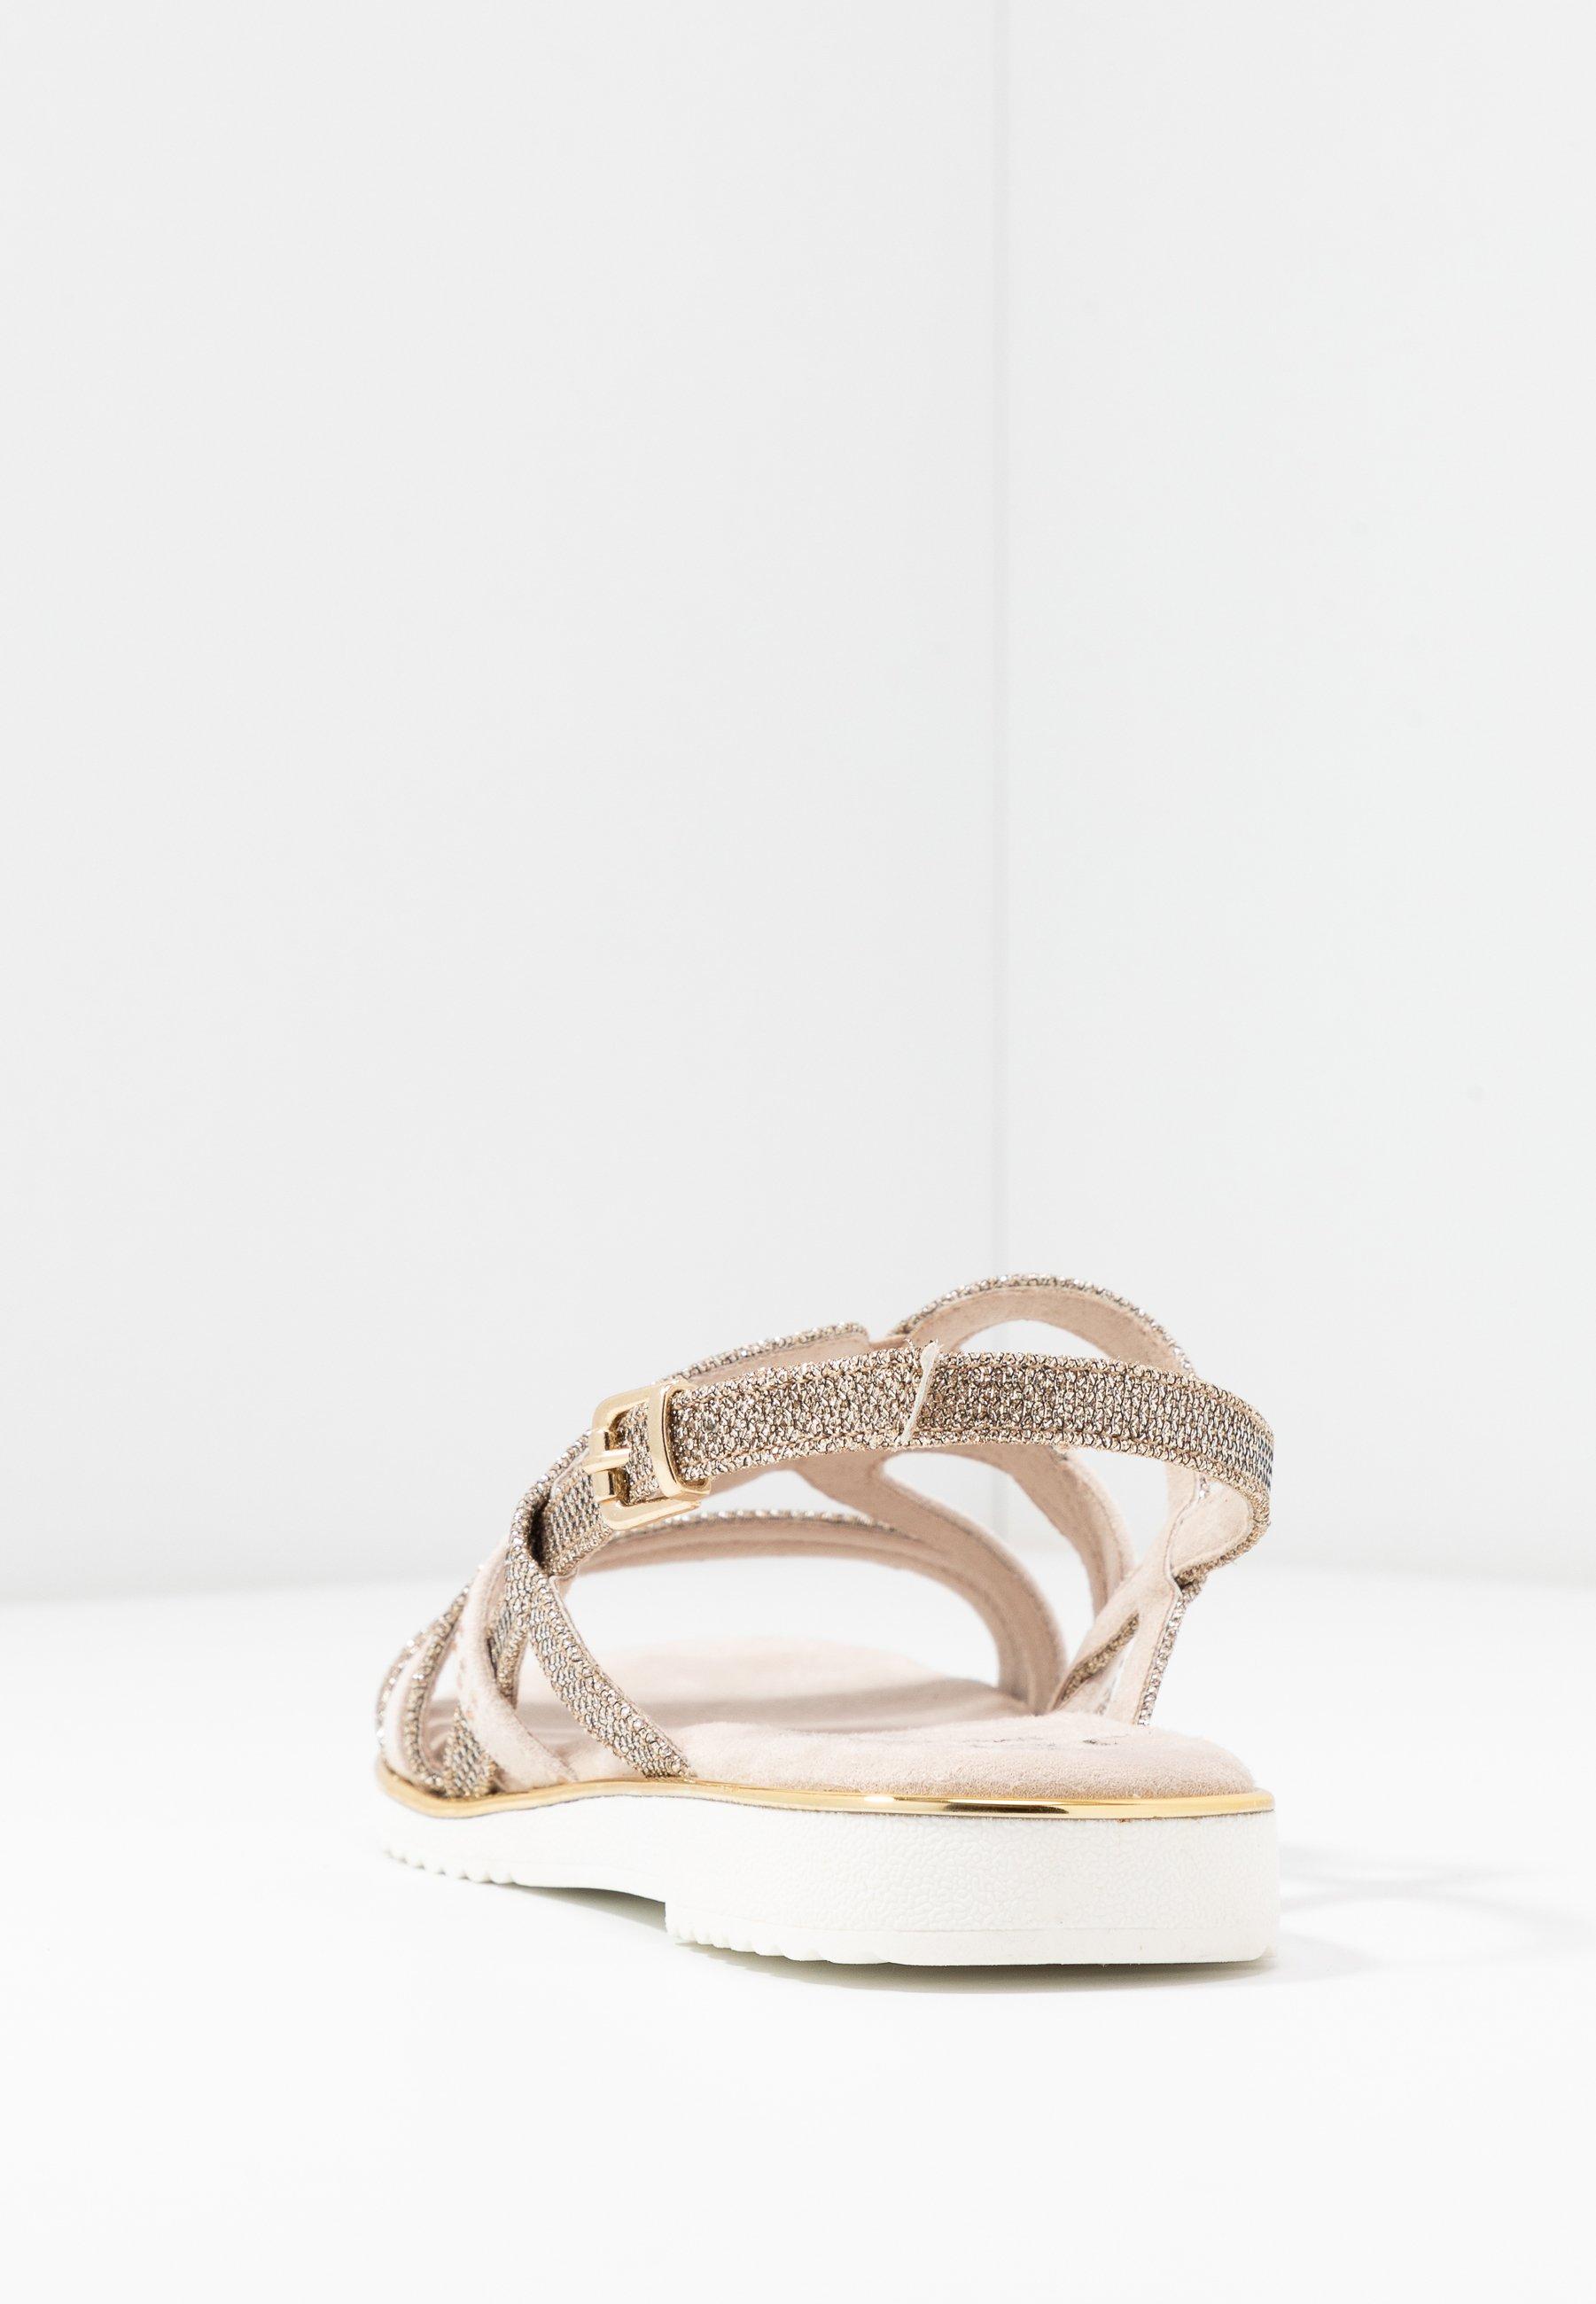 Jana Sandali - Gold Metallic bSSjX